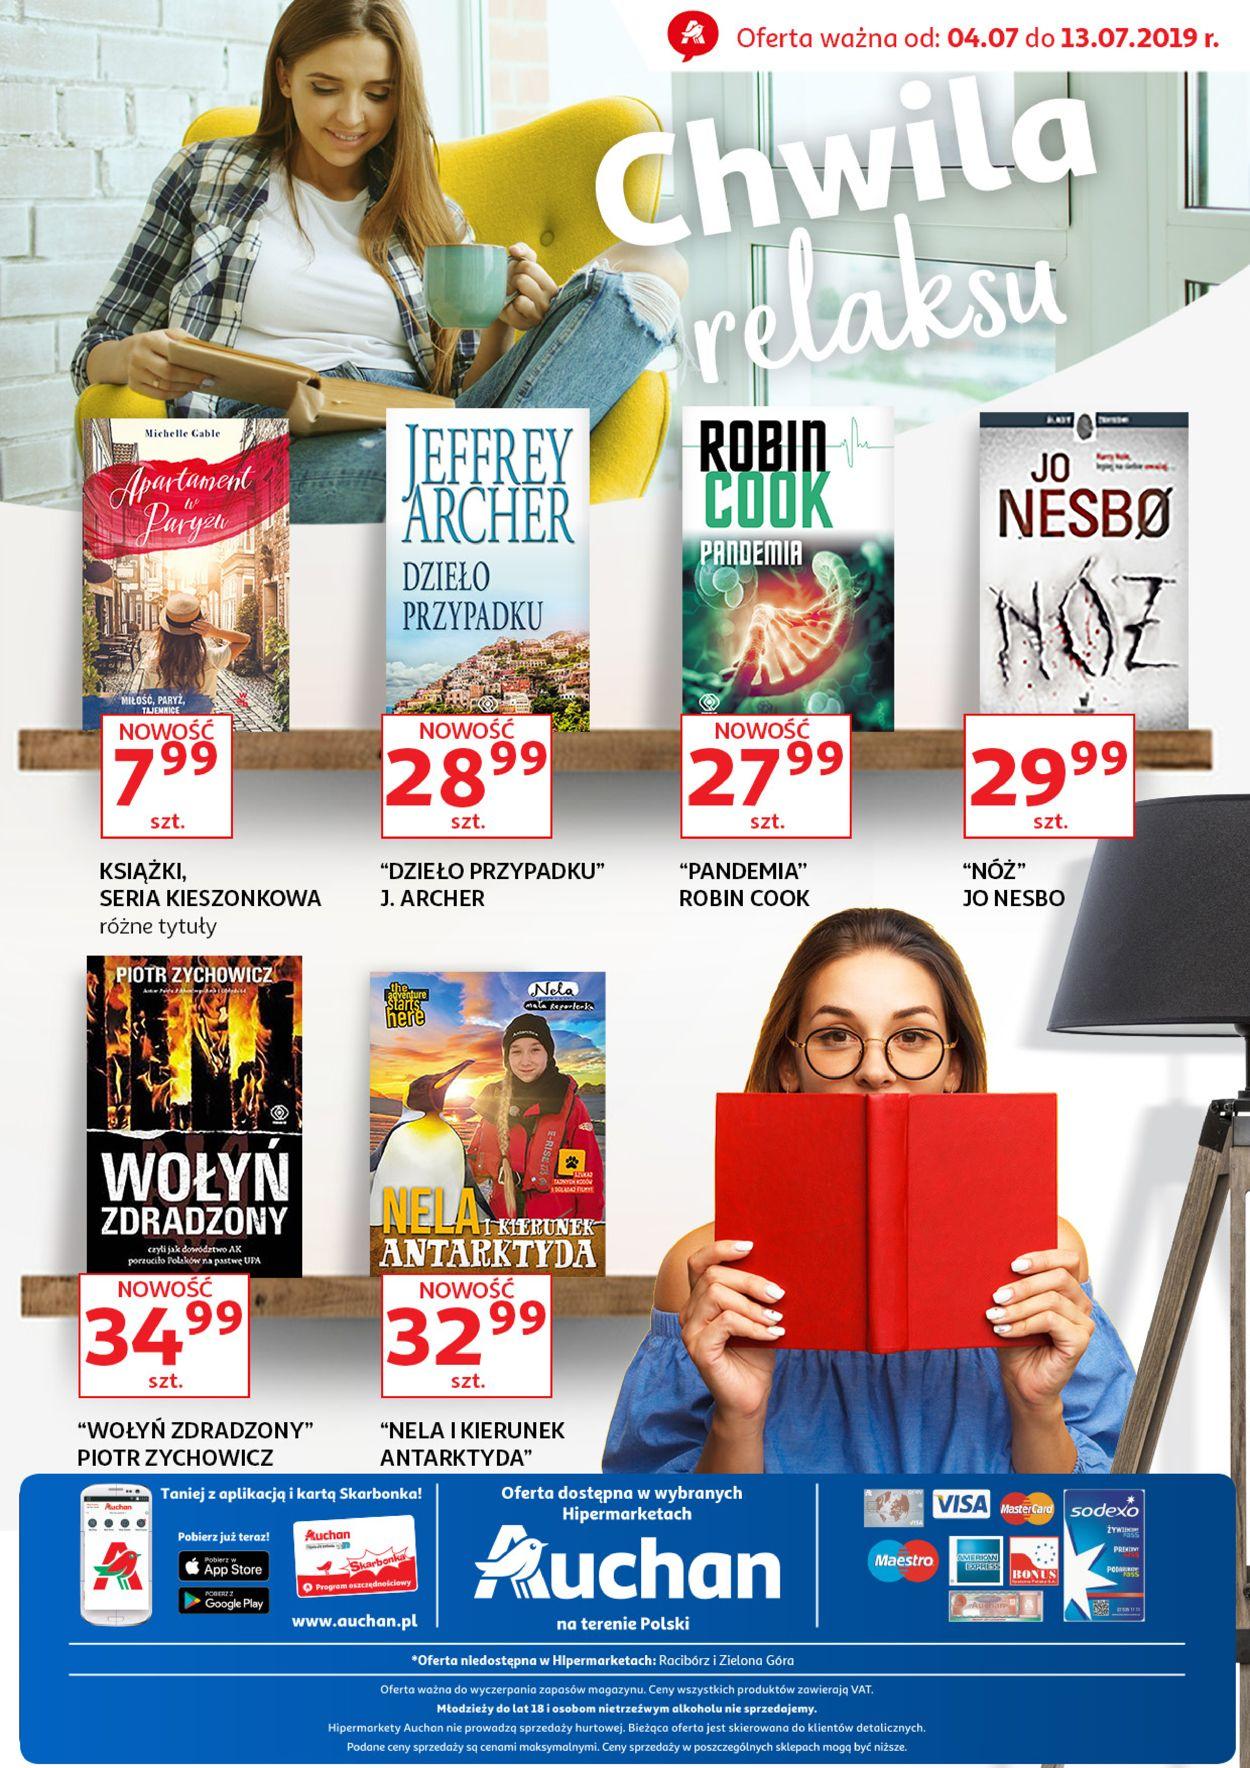 Gazetka promocyjna Auchan - 04.07-13.07.2019